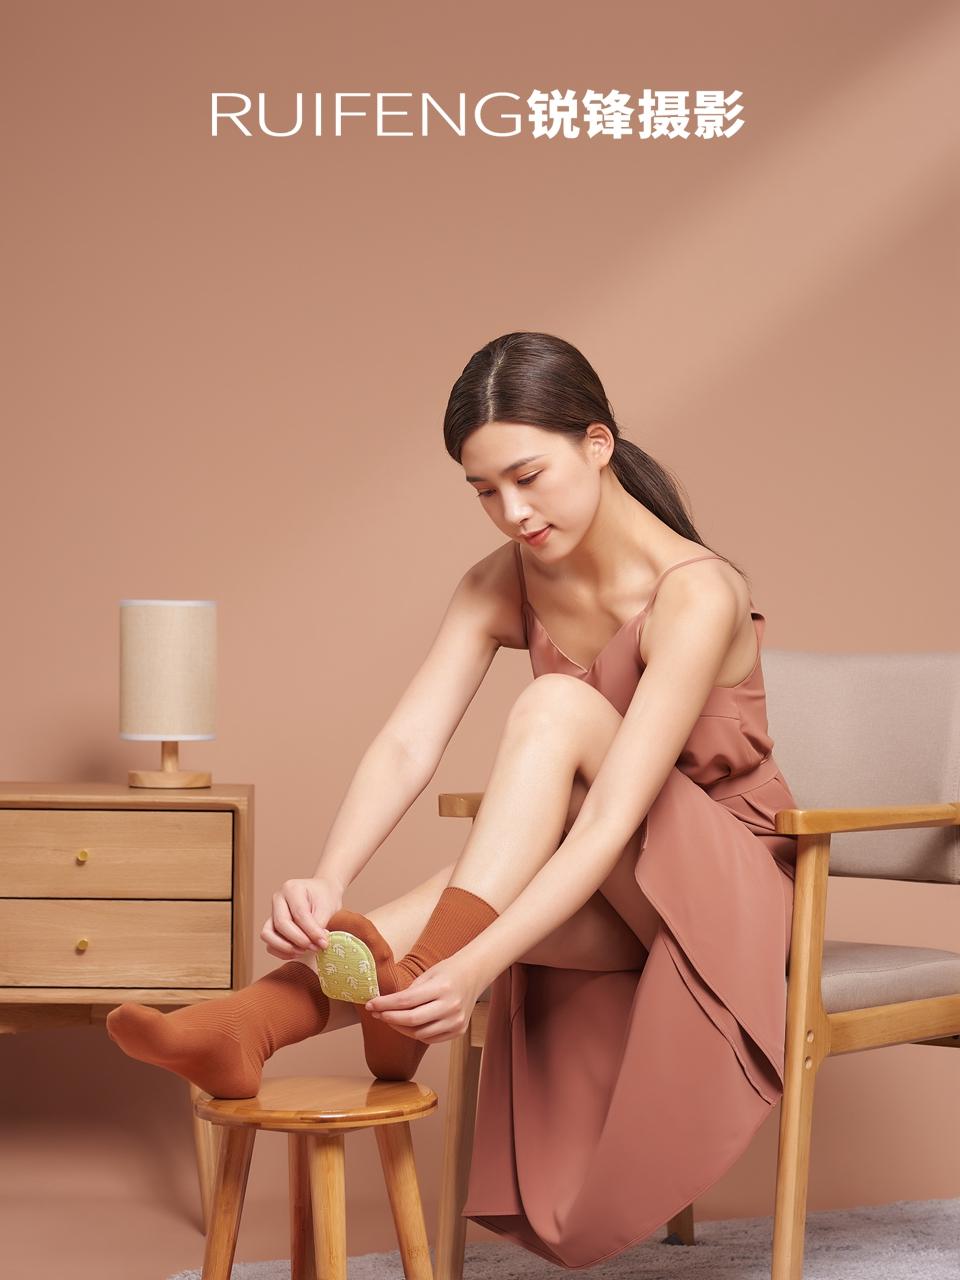 发热鞋垫拍摄|保暖产品摄影|静物摄影|RUIFENG武汉锐锋摄影工作室